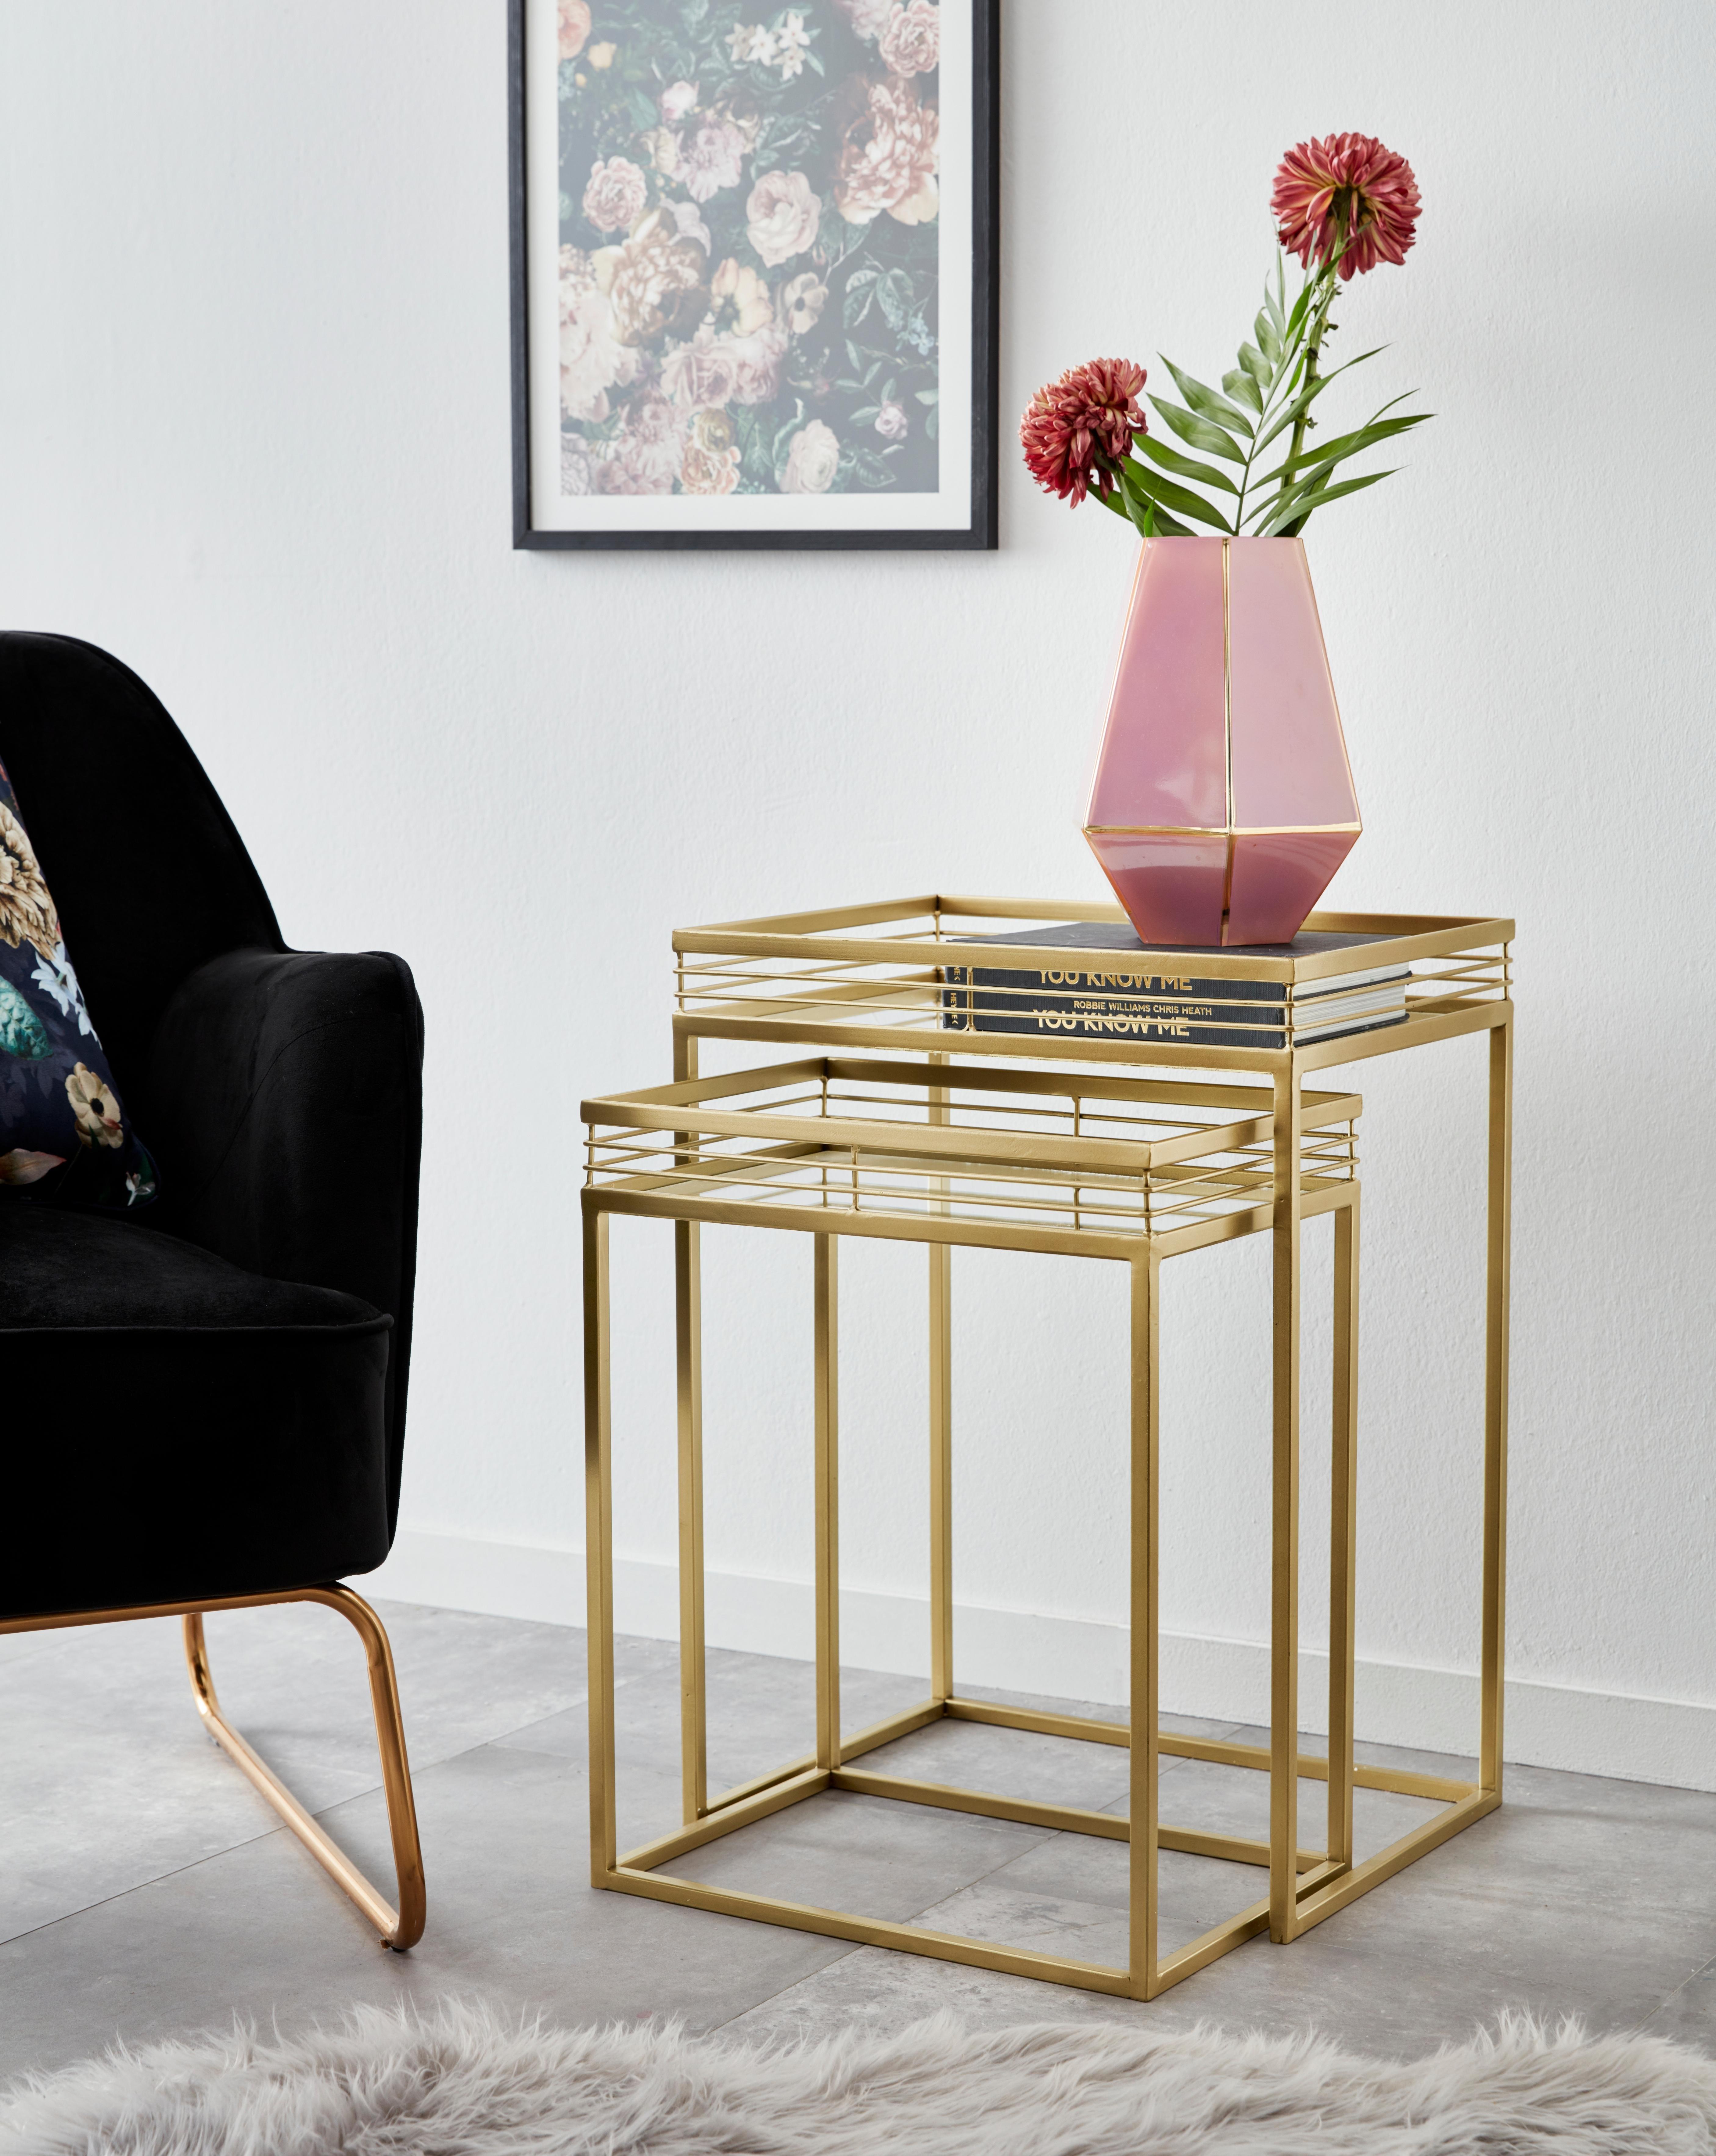 Leonique bijzettafeltje Yanis met plateaus van spiegelglas en goudkleurig metalen frame (2 stuks) - verschillende betaalmethodes